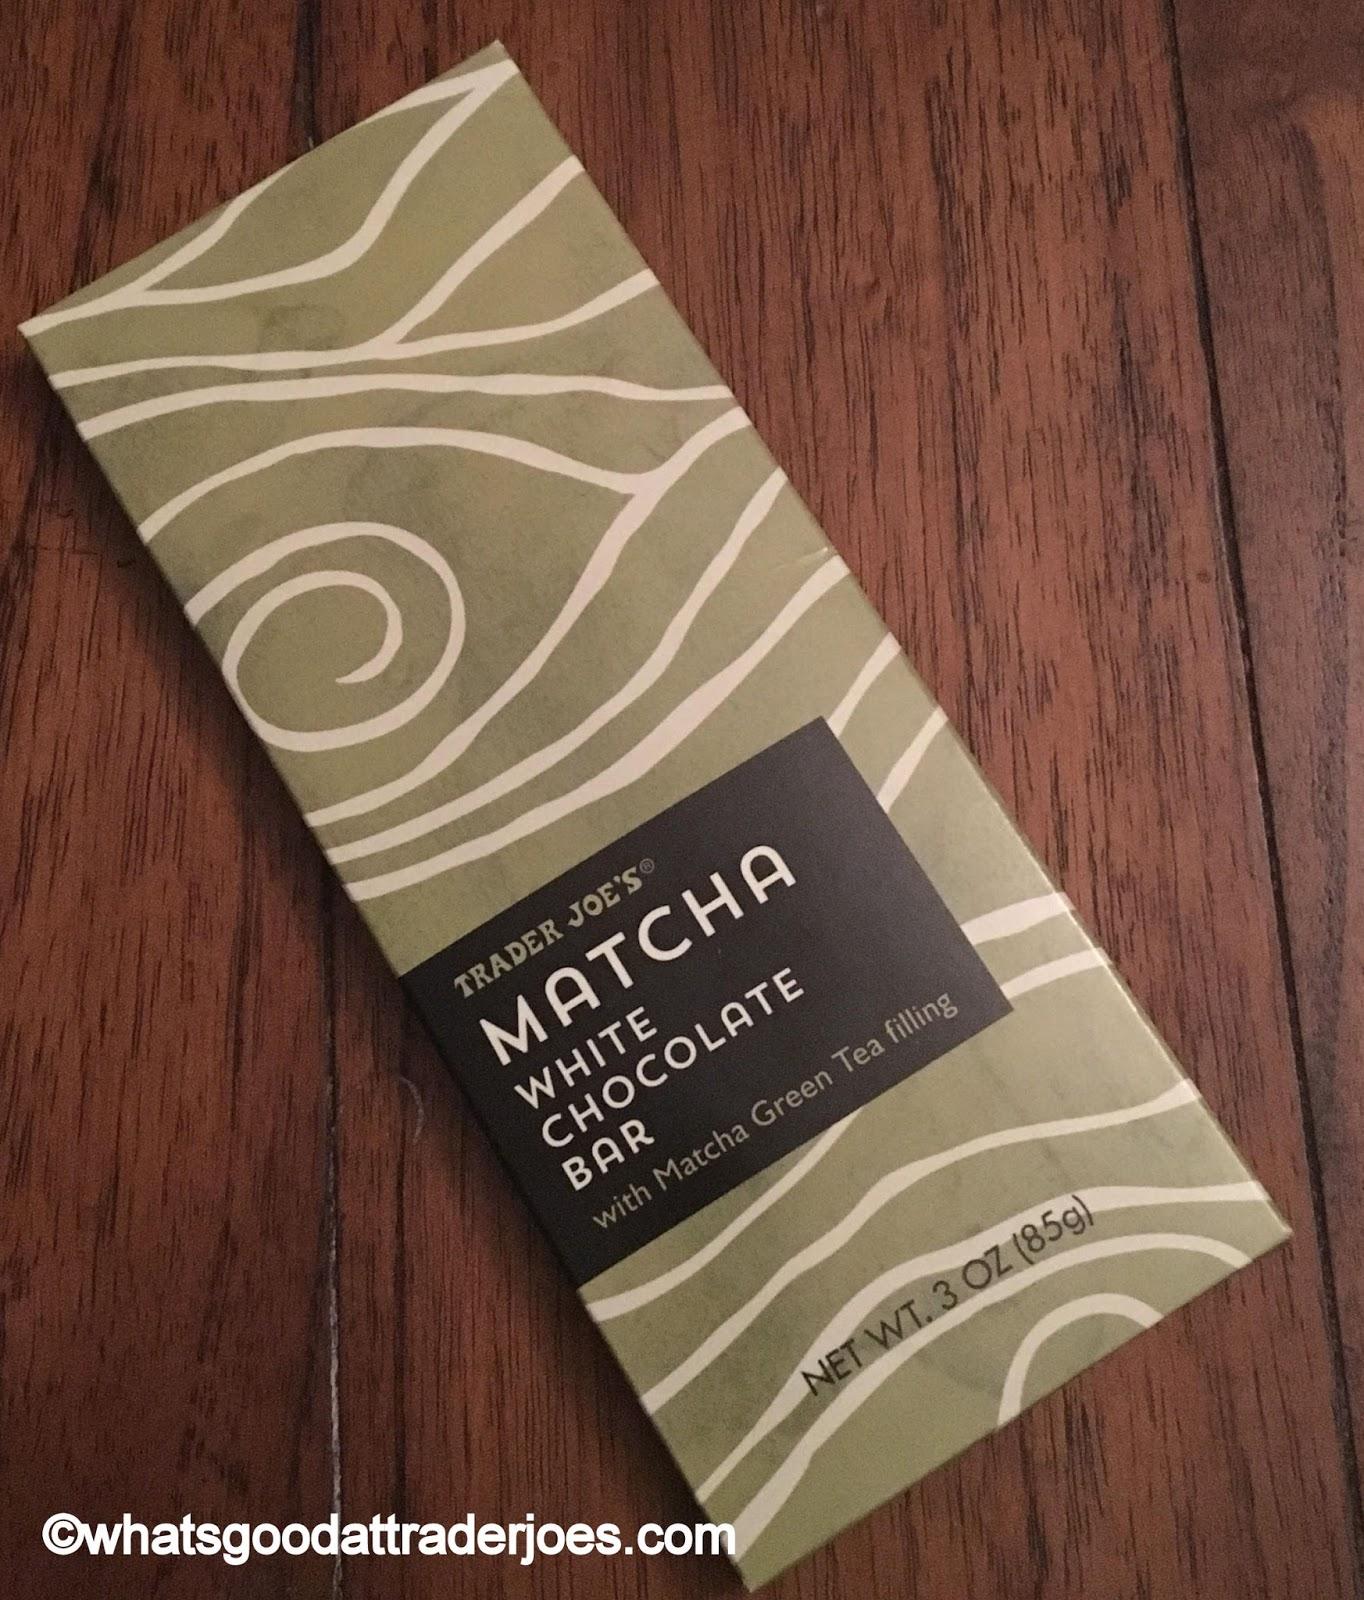 What's Good at Trader Joe's?: Trader Joe's Matcha White Chocolate Bar